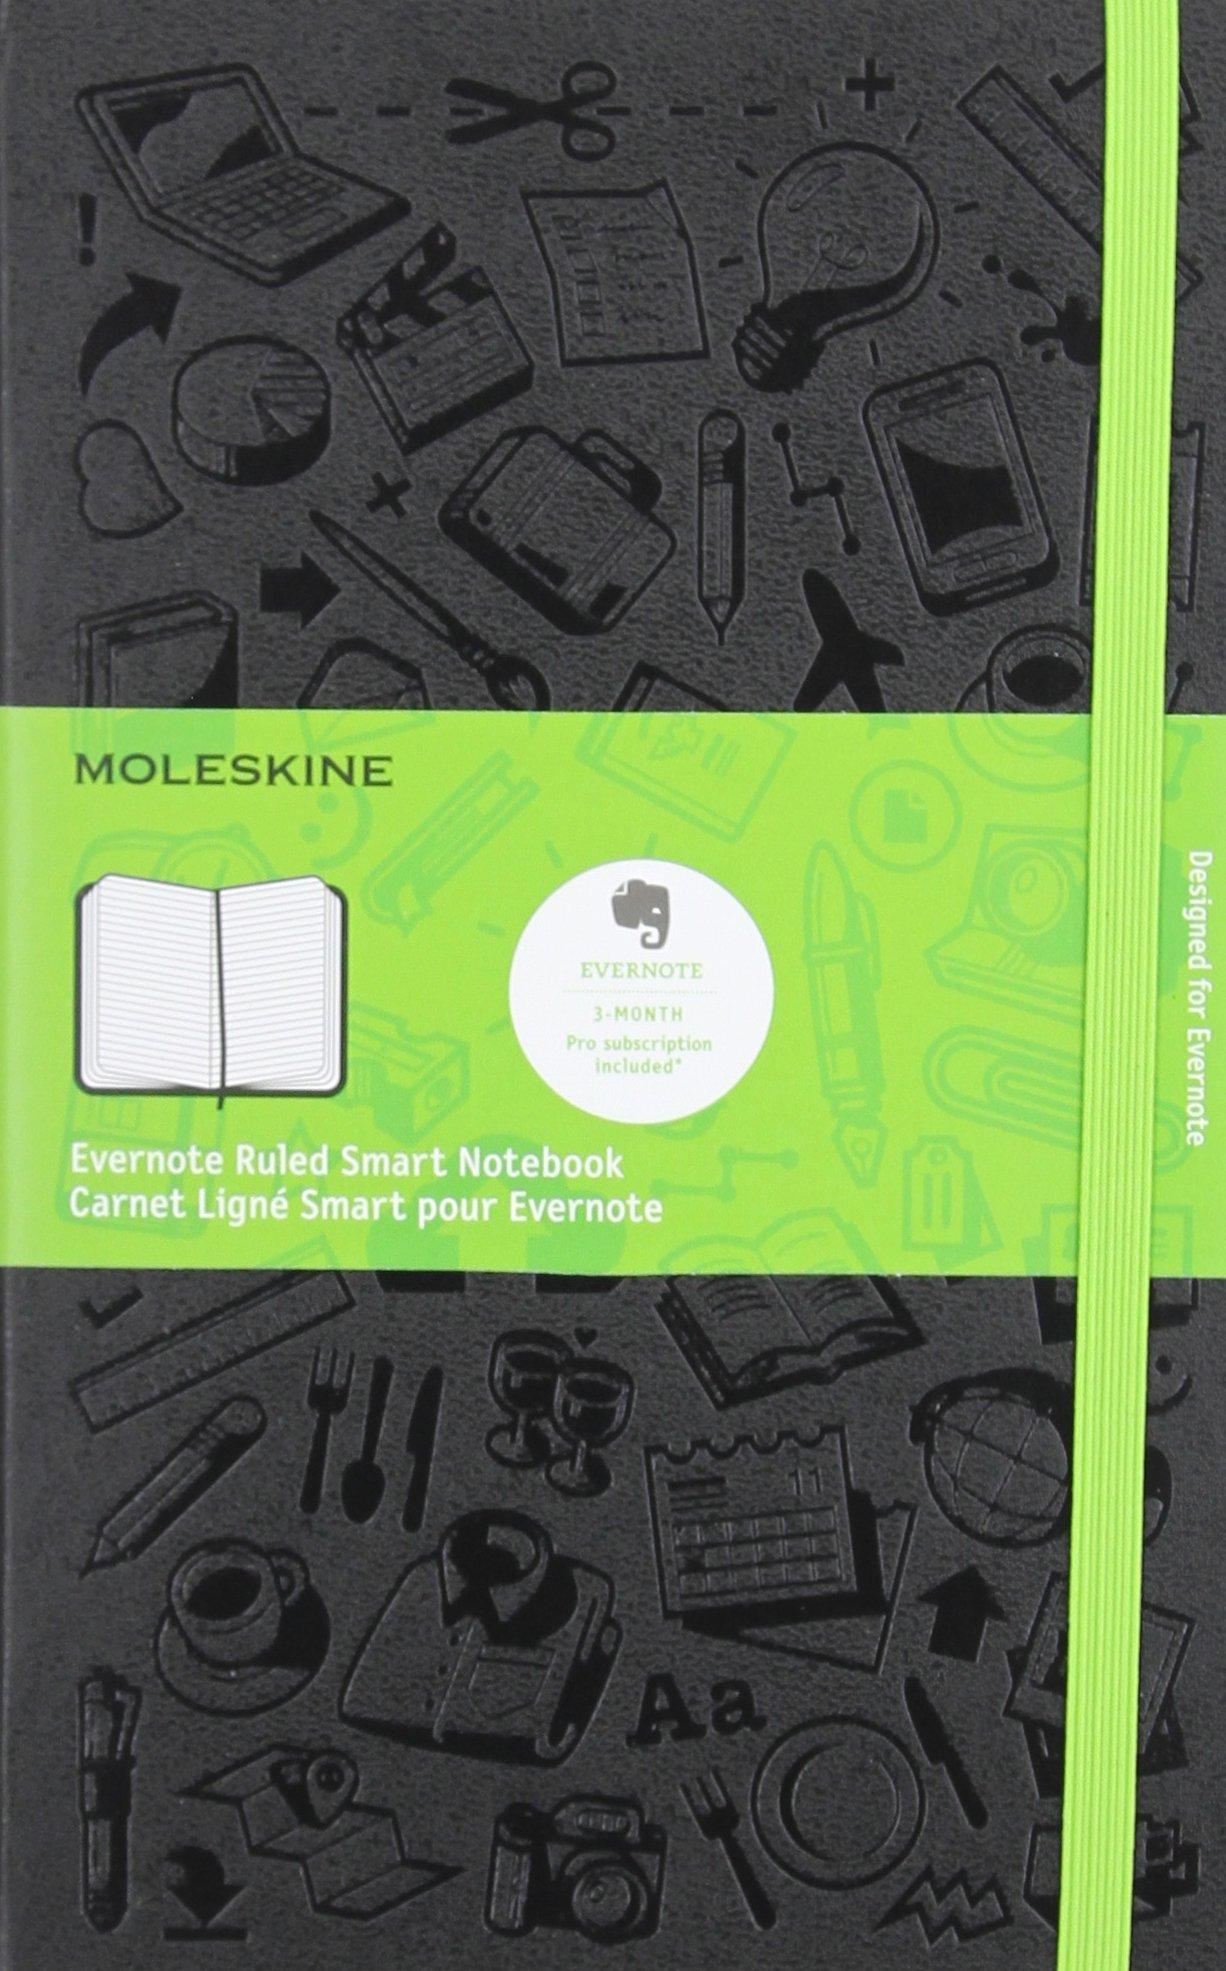 Moleskine Evernote Notebook Large Ruled